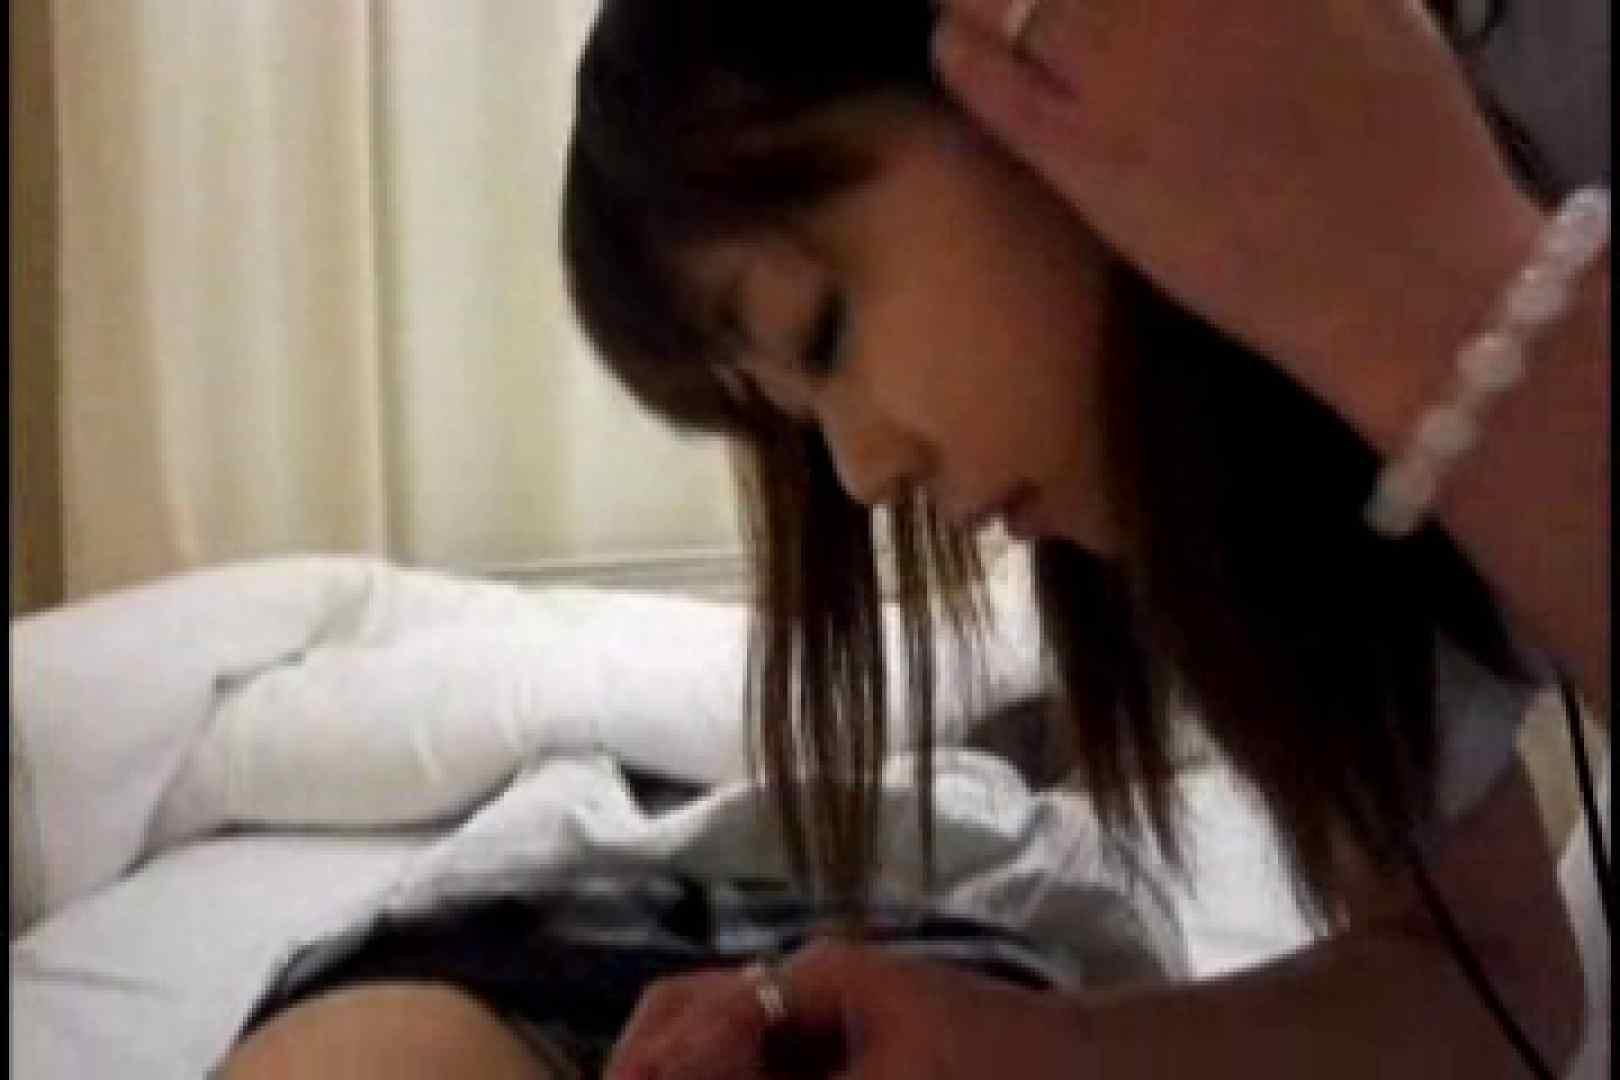 ヤリマンと呼ばれた看護士さんvol1 一般投稿  93pic 60